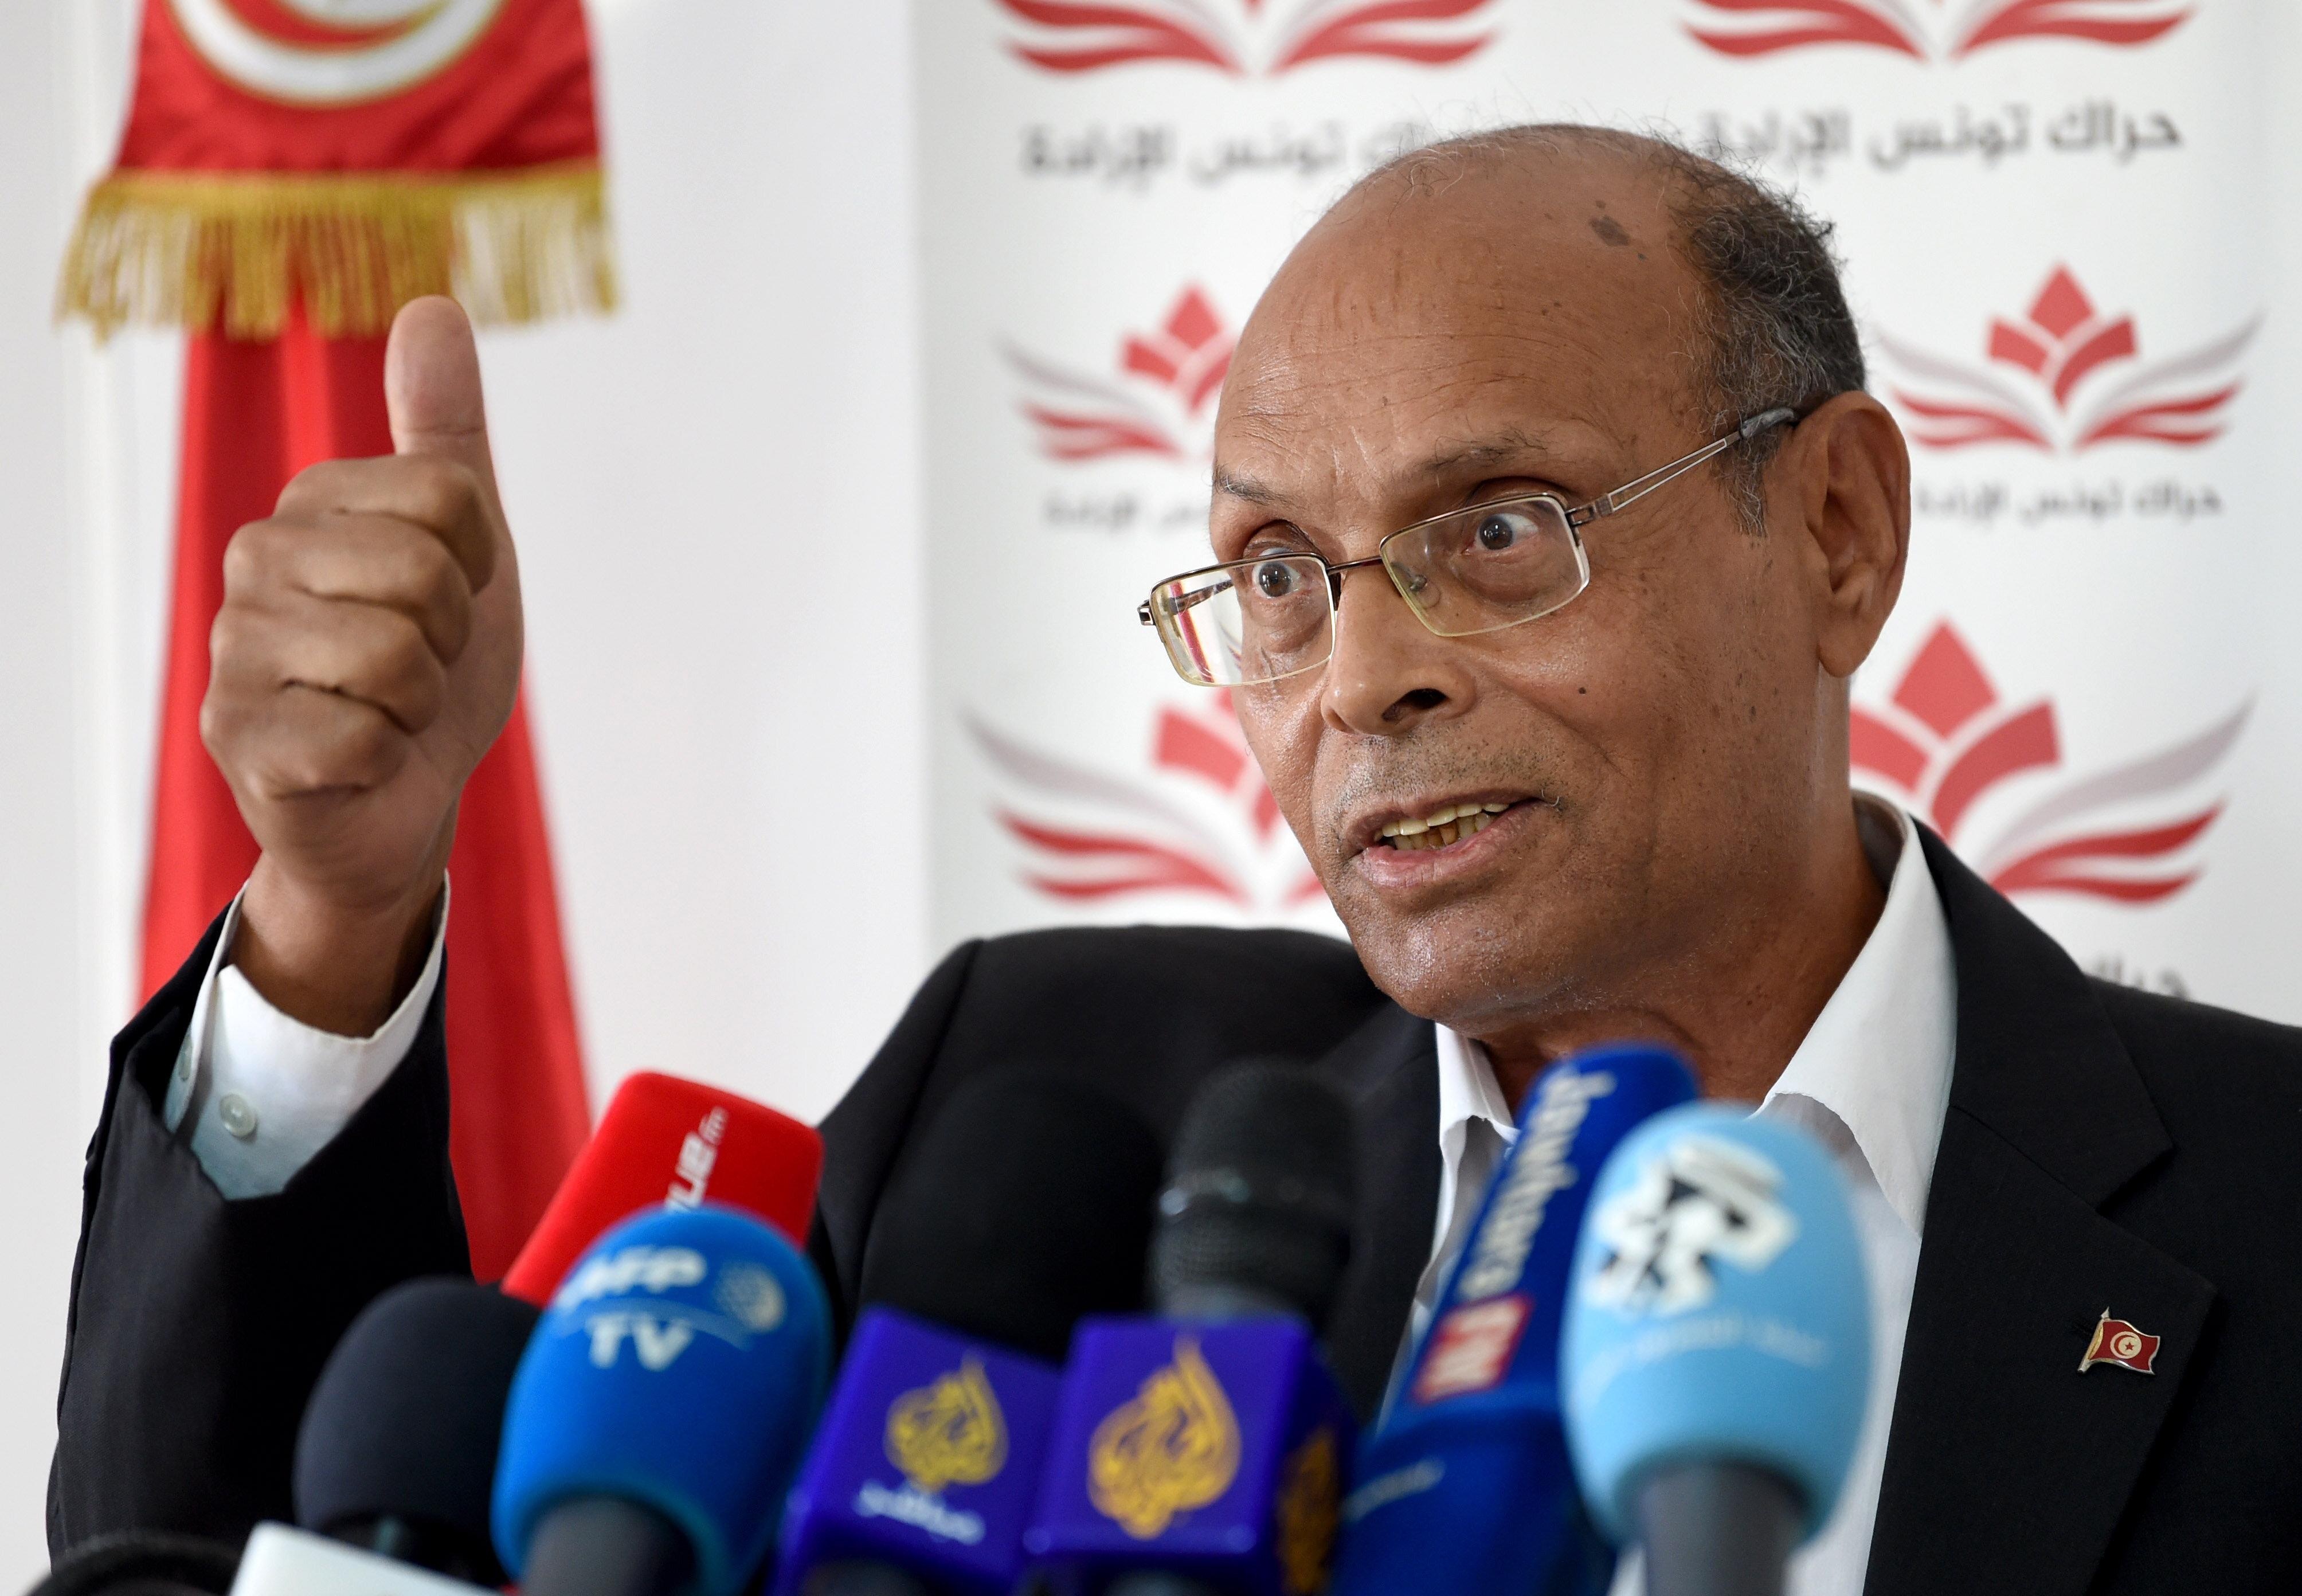 Présidentielle: Moncef Marzouki, candidat du parti Al-Harak et du mouvement